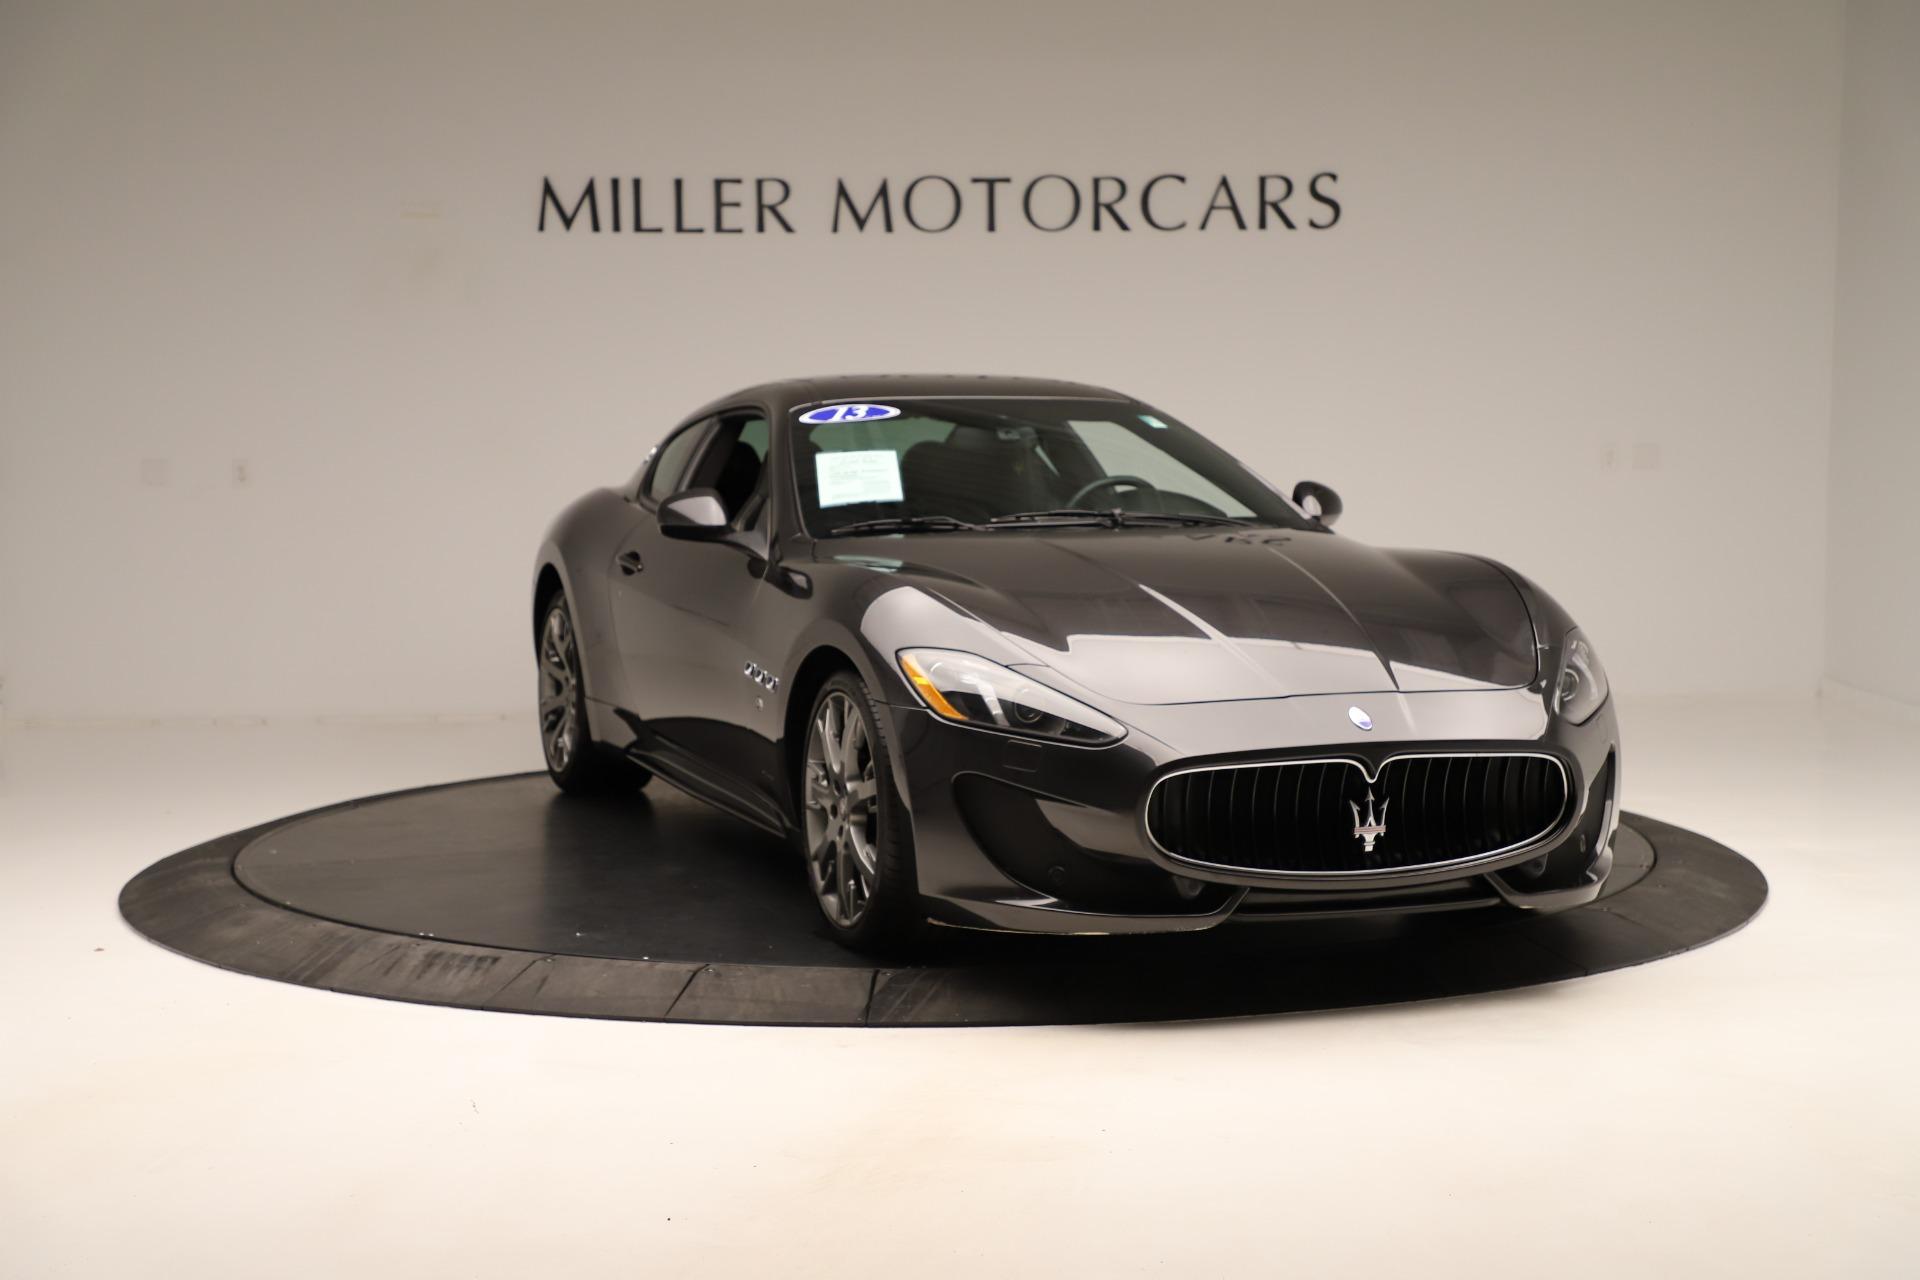 Used 2013 Maserati GranTurismo Sport For Sale In Greenwich, CT 3327_p11